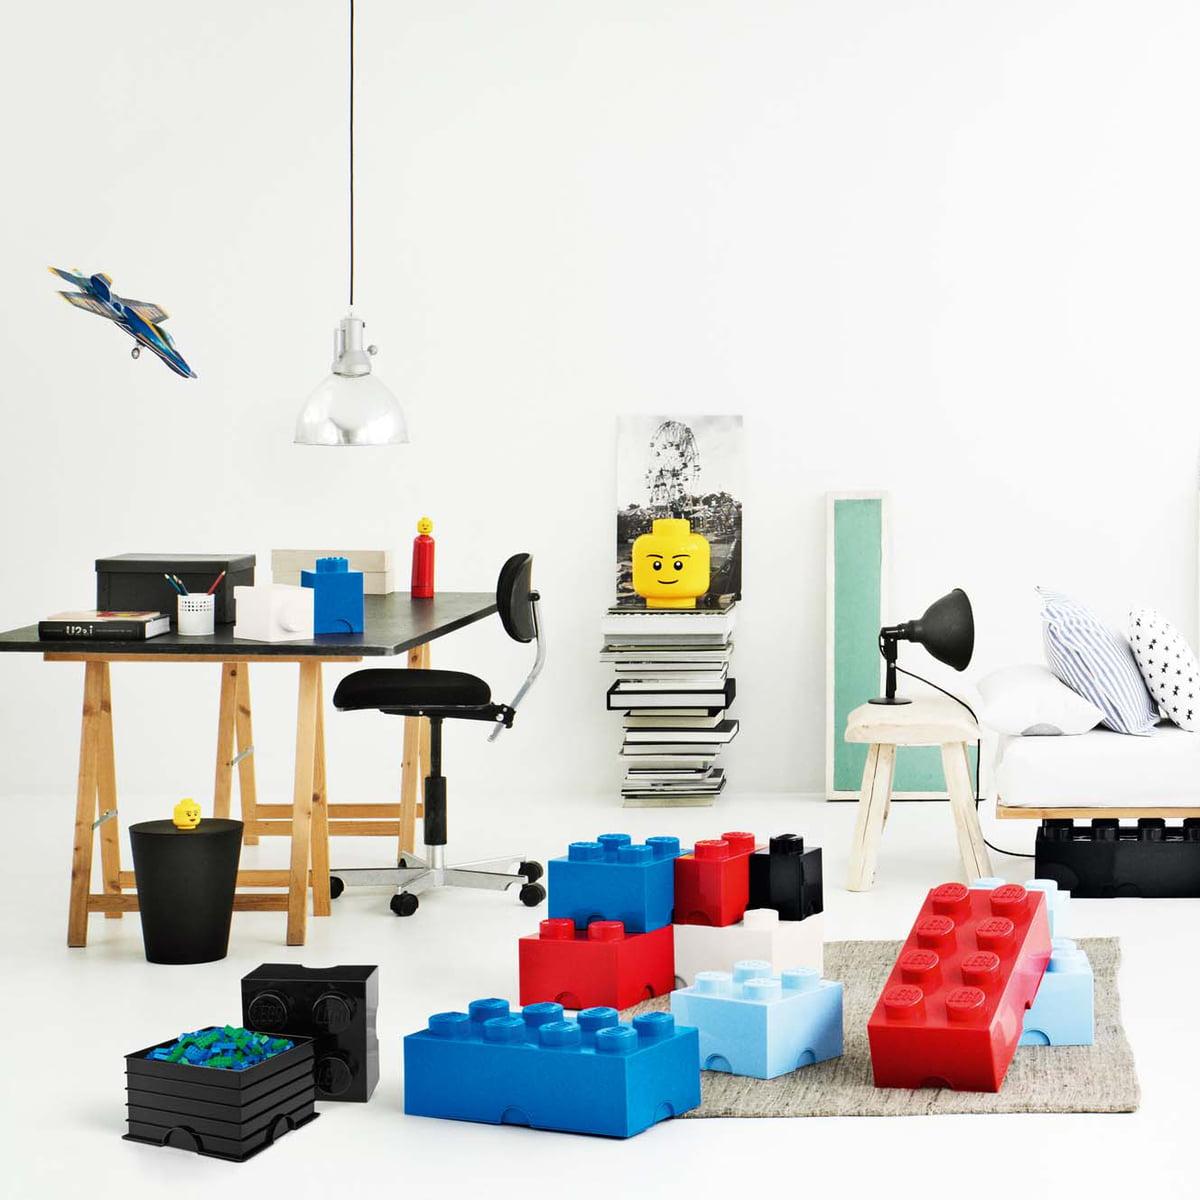 Lego   Storage Box, Blau, Rot, Head L